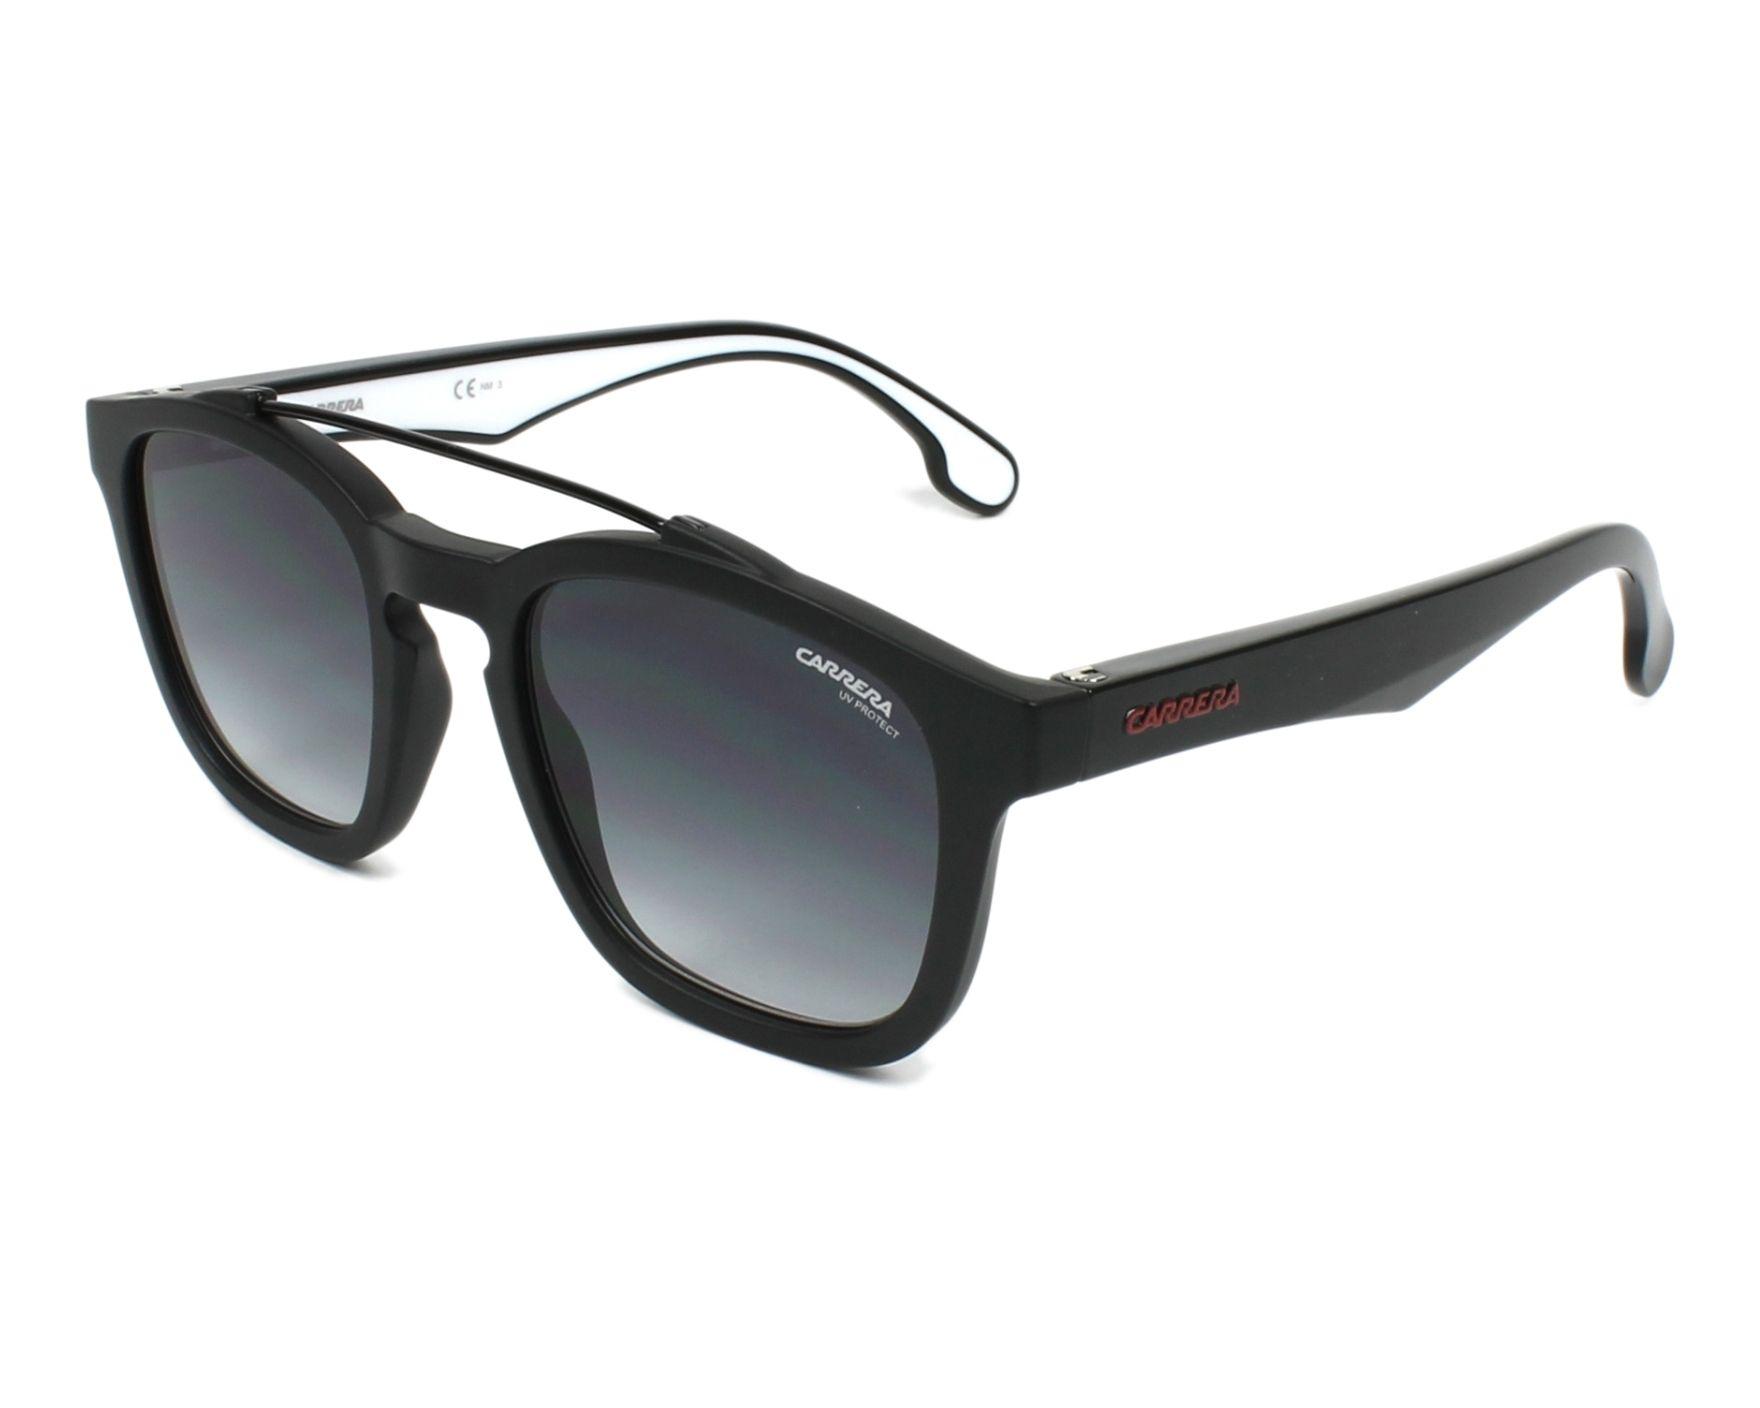 74c627ed08 Sunglasses Carrera 1011-S 003 9O 52-22 Black Black profile view